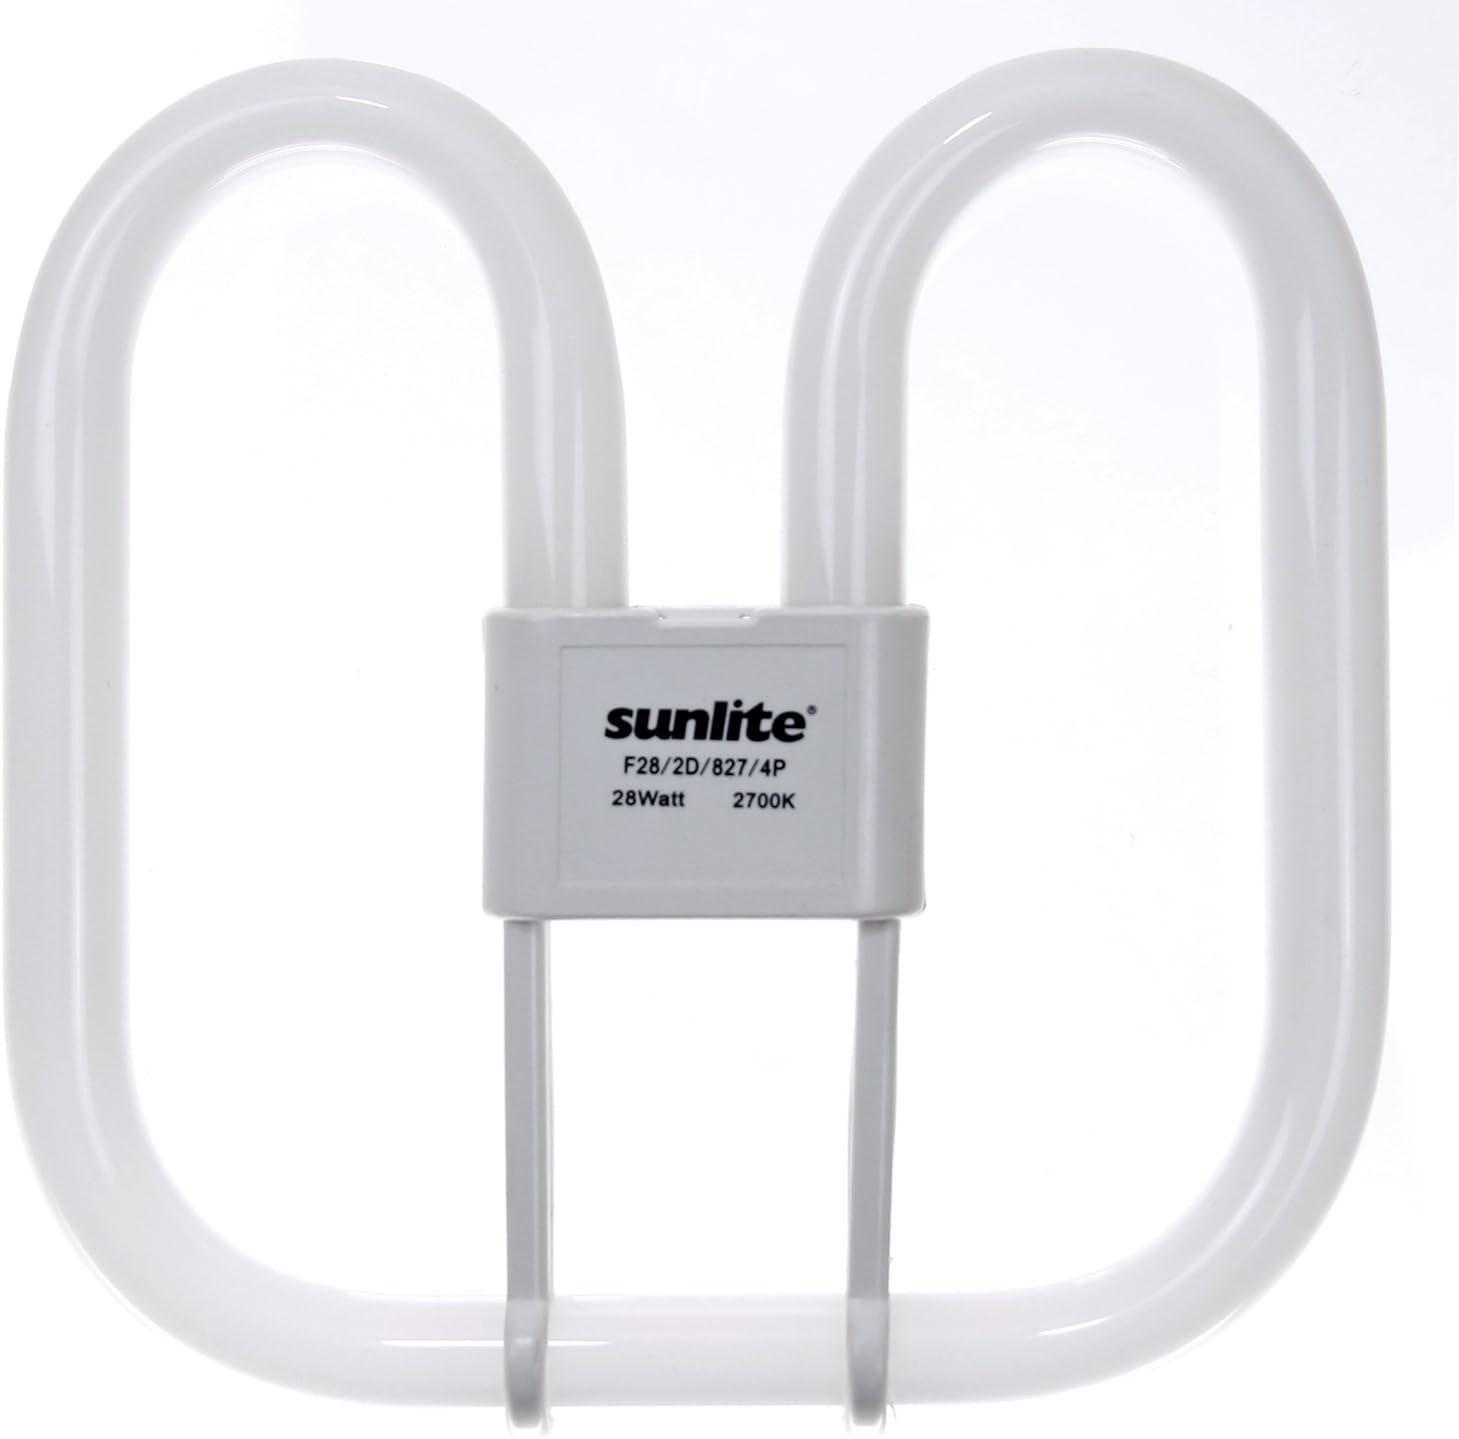 Sunlite F38/2D/835/4P 38-Watt 2D Linear Fluorescent Light Bulb GR10q Base, 3500K